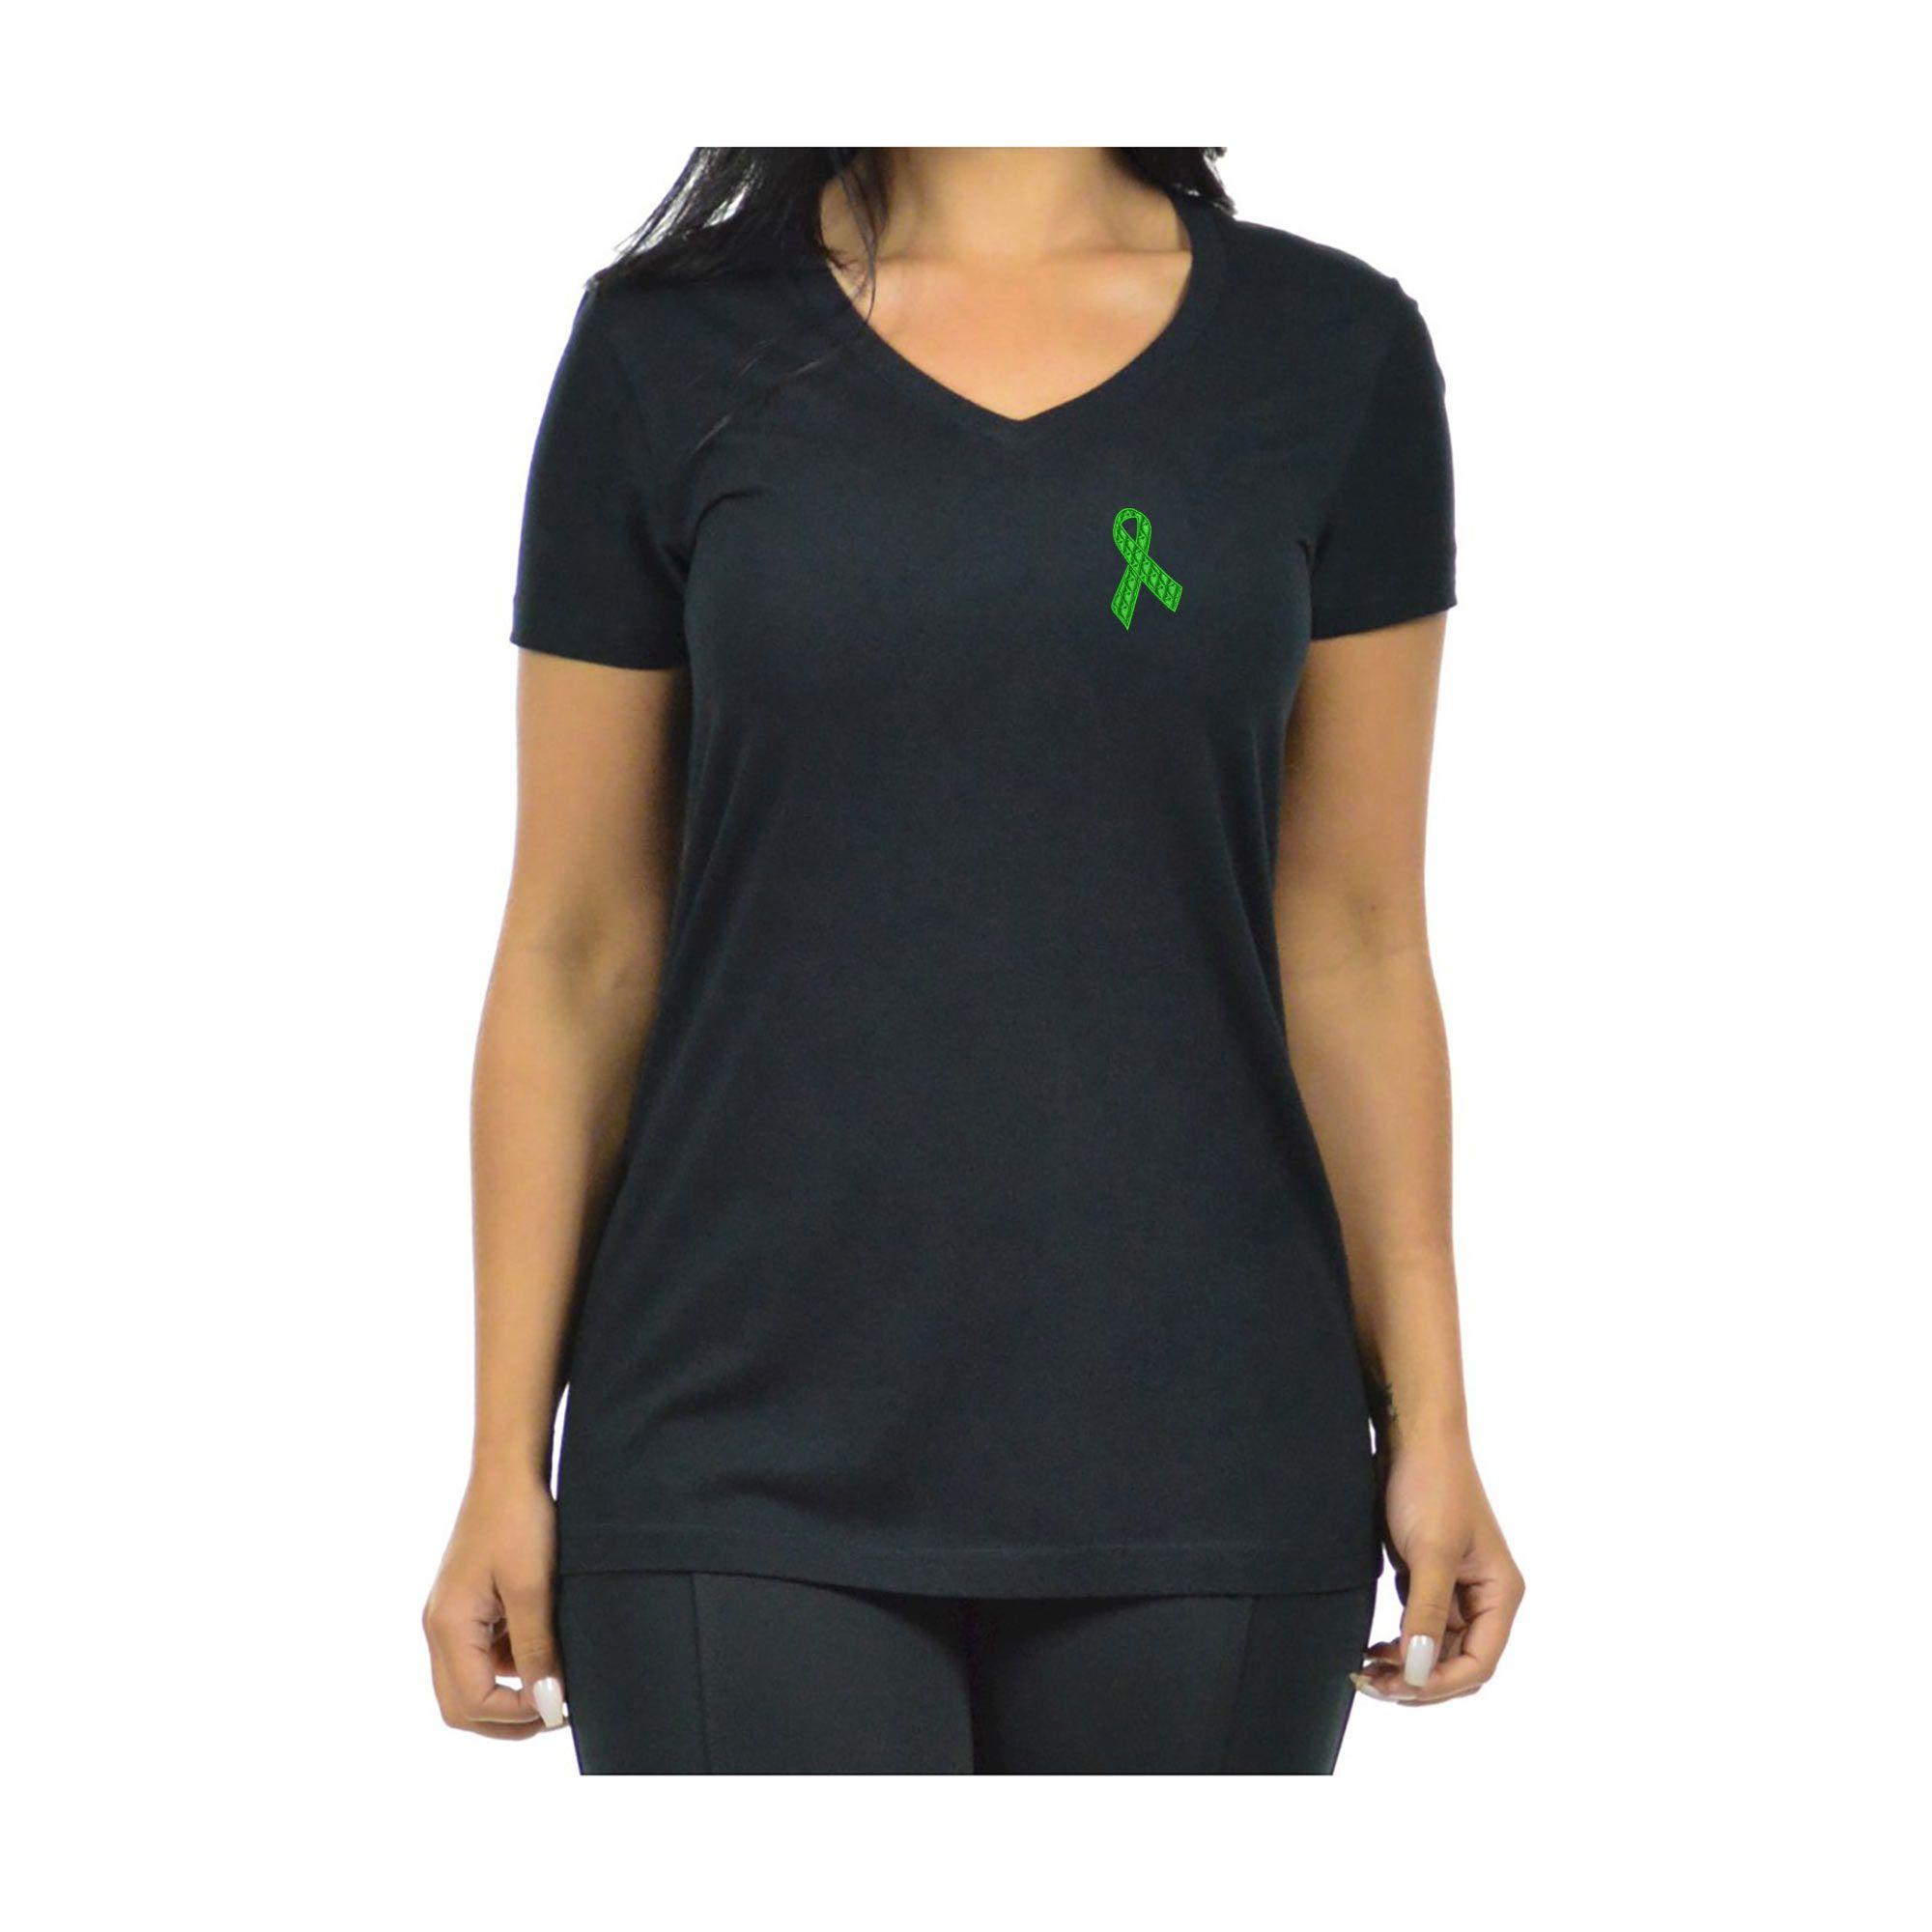 Blusa Feminina Bordada Laço Setembro Verde Doação de Órgãos Heróis do Bem  - Talysmã Bordados